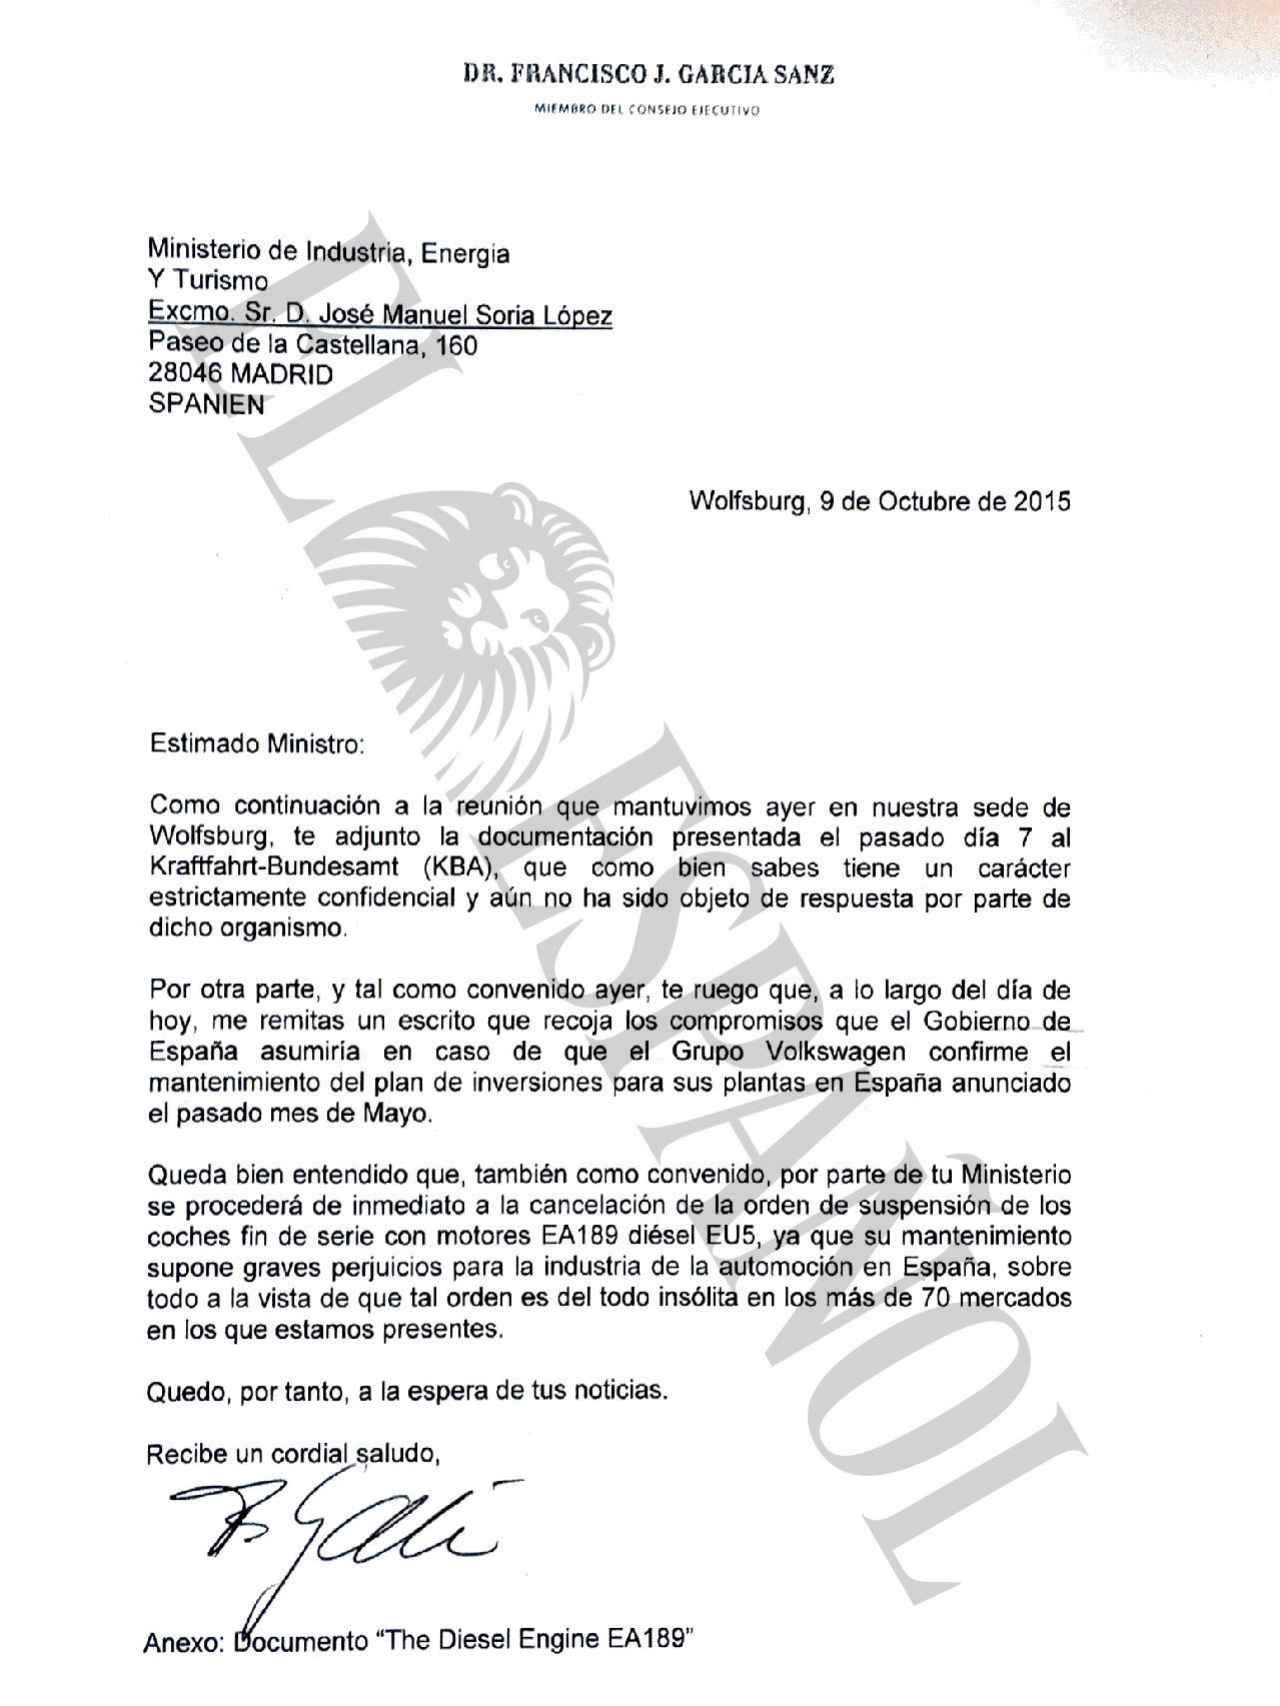 Carta del vicepresidente mundial de compras de Volkswagen al ministro de Industria.